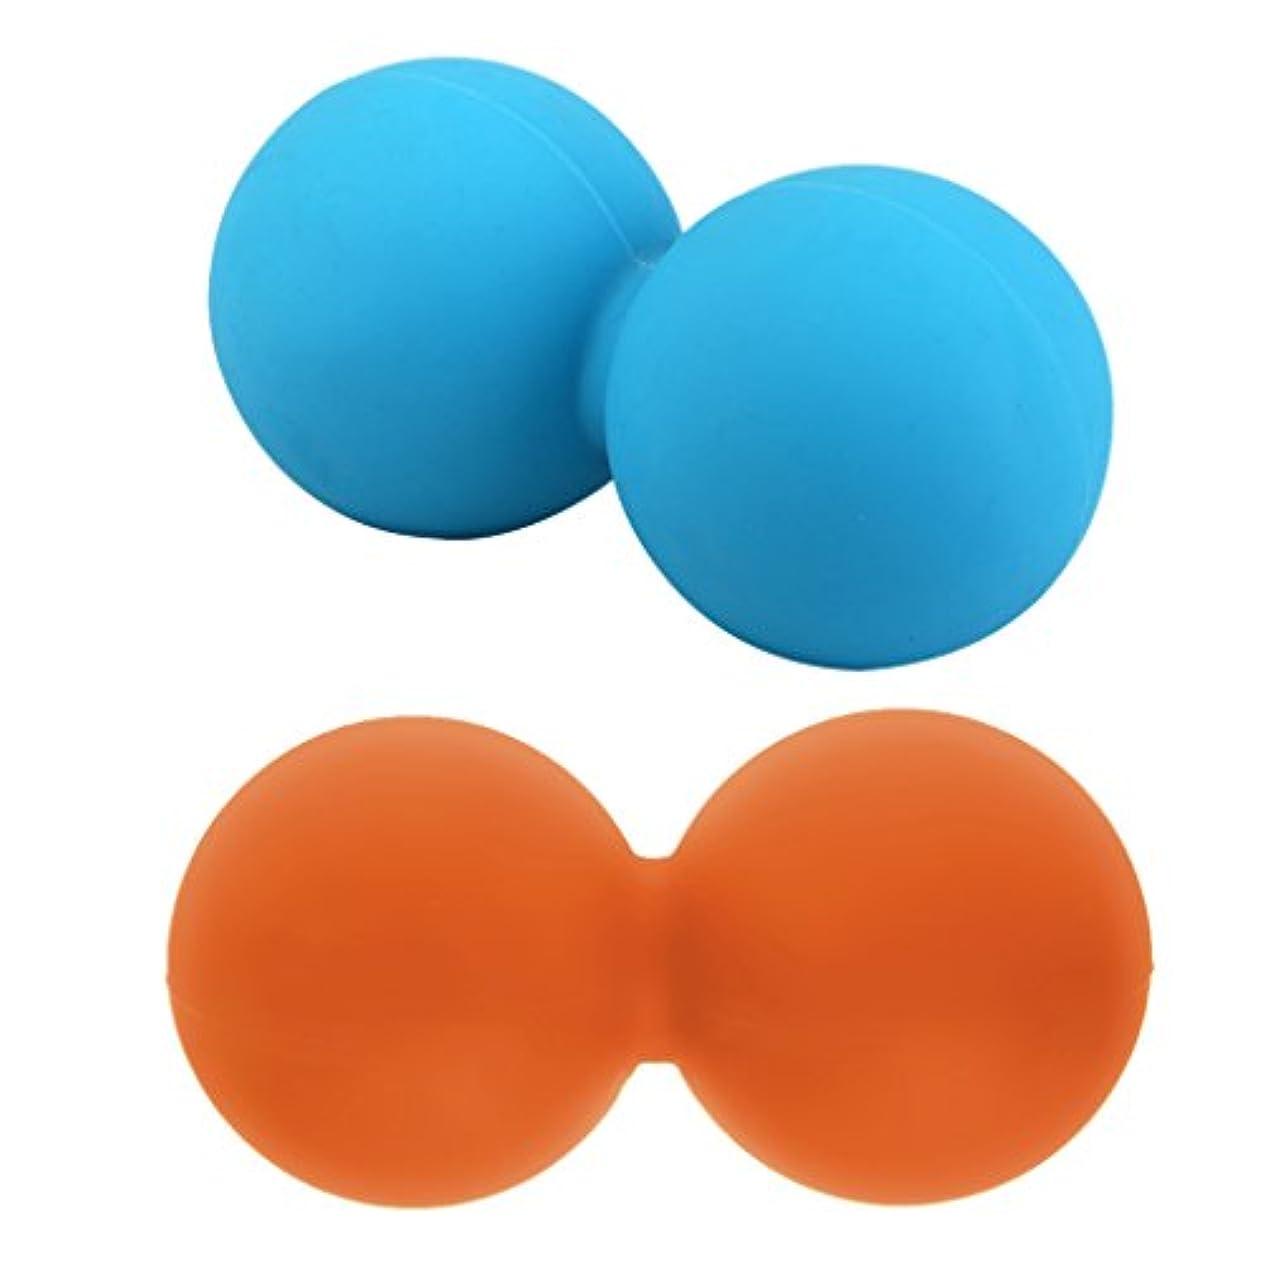 2本 マッサージボール ピーナッツボール シリコン フィットネス ヨガ 触覚ボール 筋膜リリース